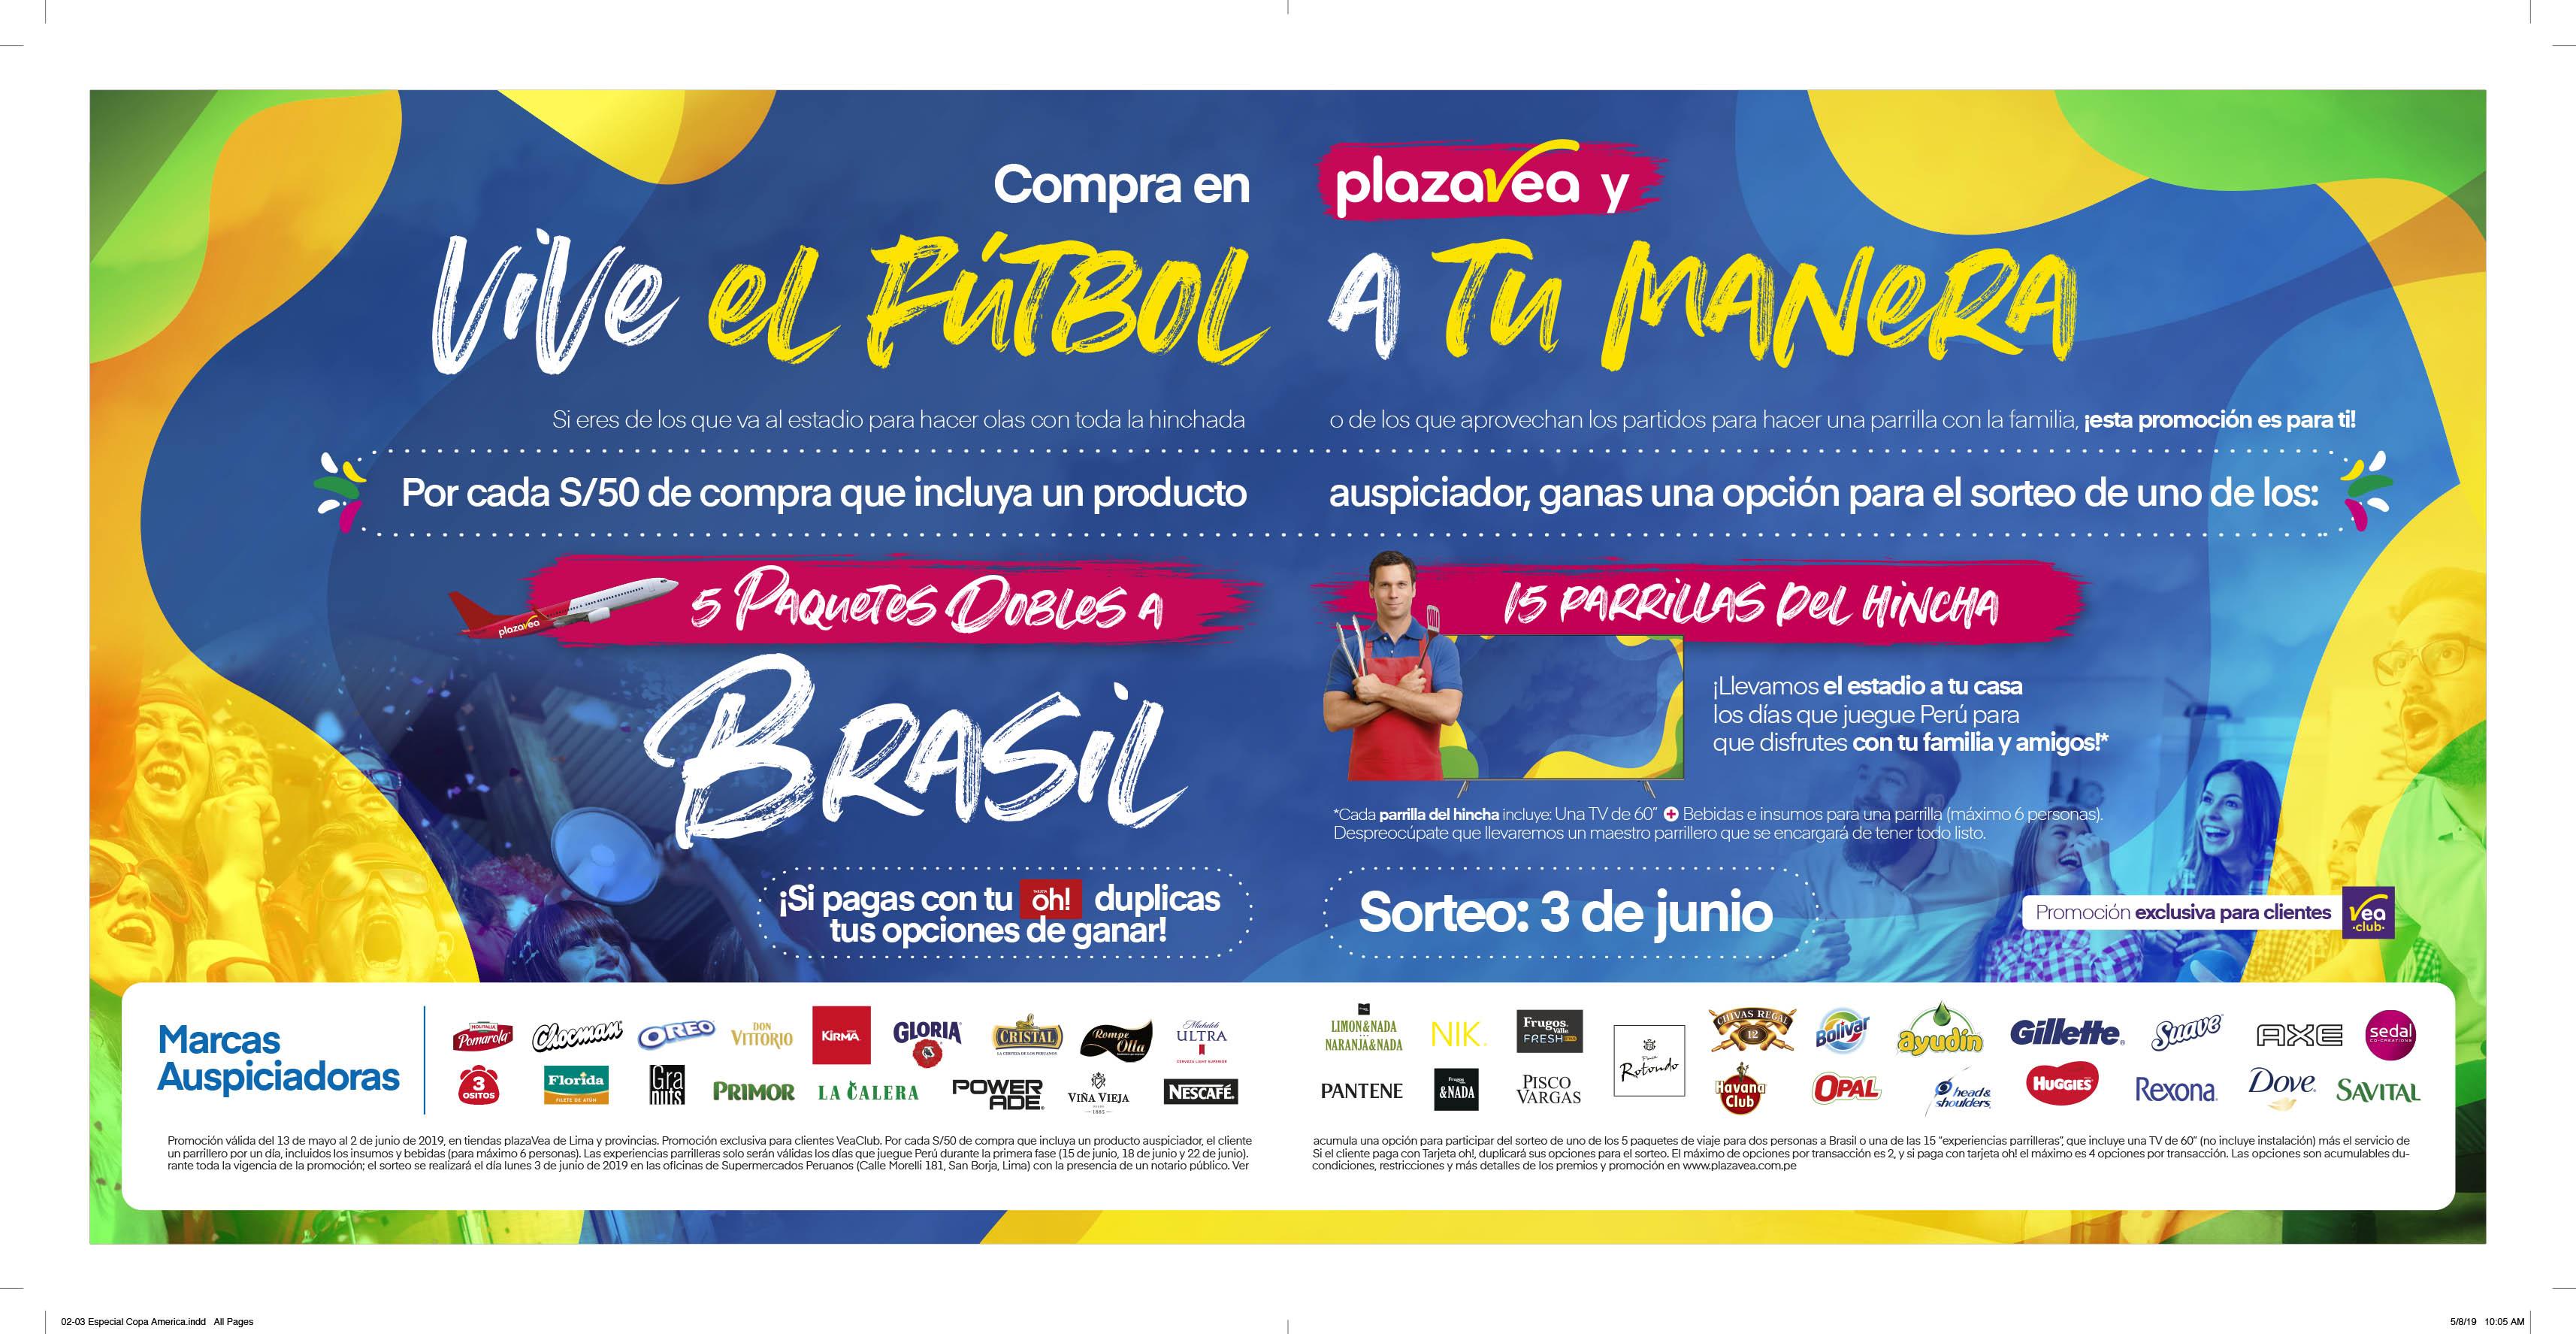 edbdf15a3 Promoción válida del 13 de mayo al 2 de junio de 2019, en tiendas plazaVea  de Lima y provincias. Promoción exclusiva para clientes VeaClub.